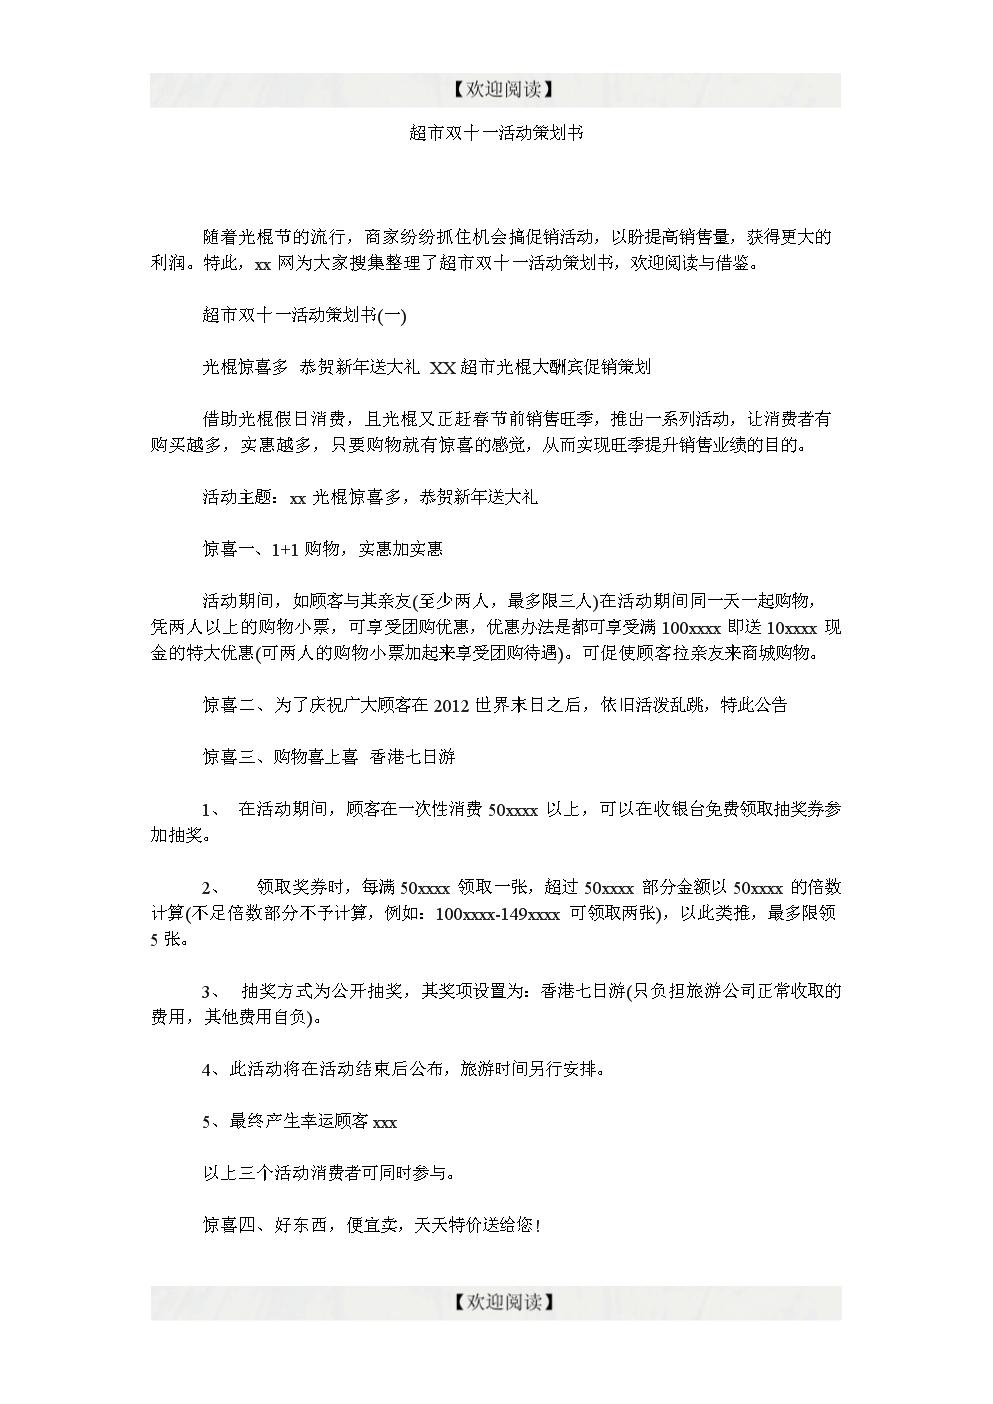 超市双十一活动策划书.doc